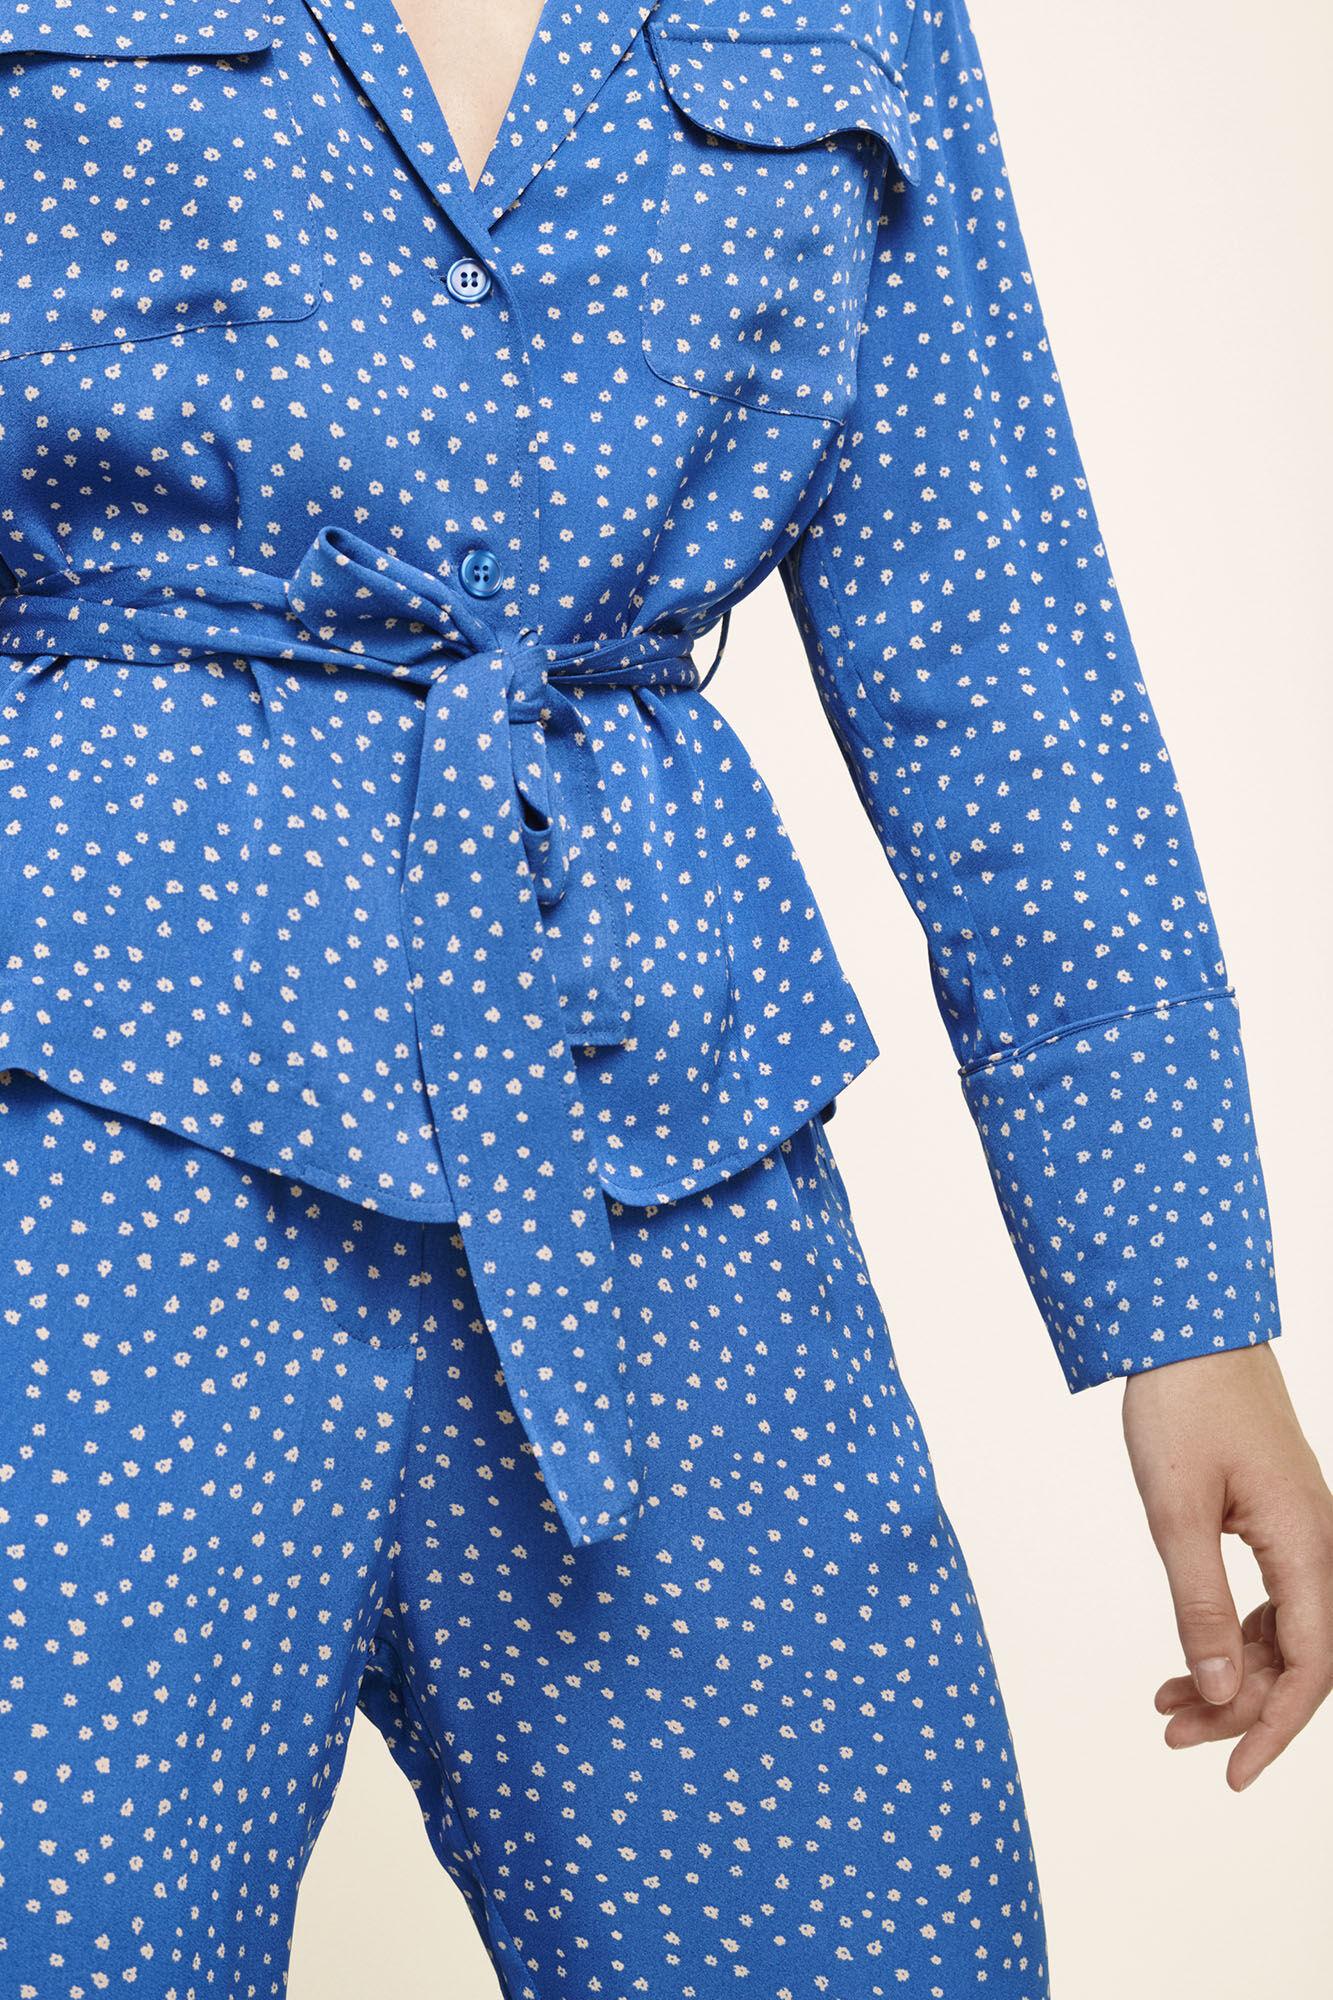 Karin shirt aop 8325